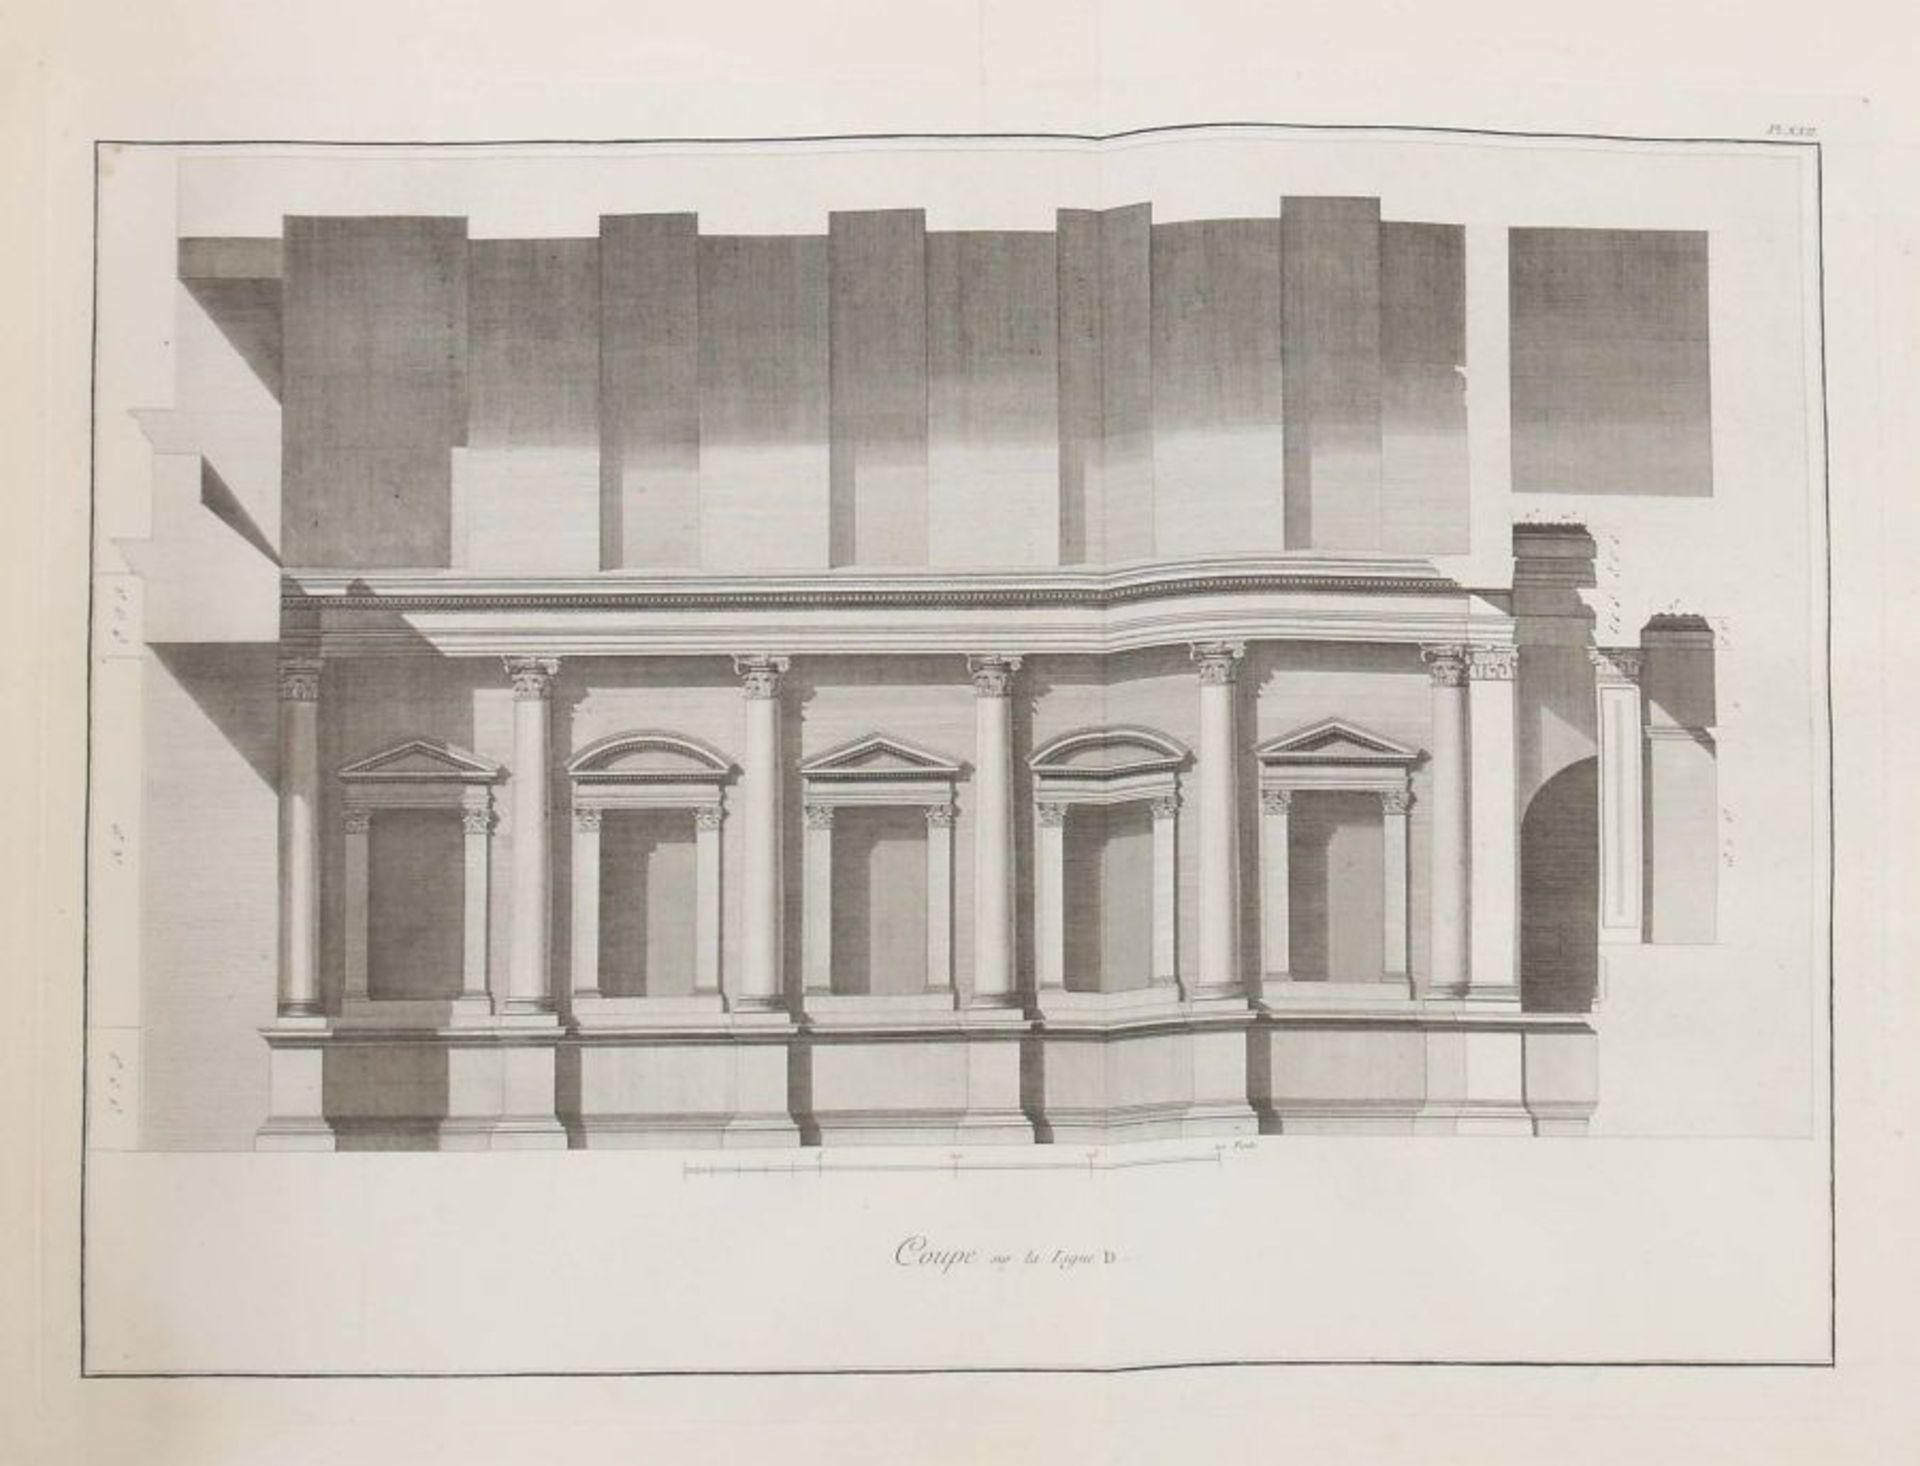 Clérisseau, Charles-Louis Antiquités de la France - Monumens de Nismes, Pierres, Paris, 1778, - Bild 8 aus 11